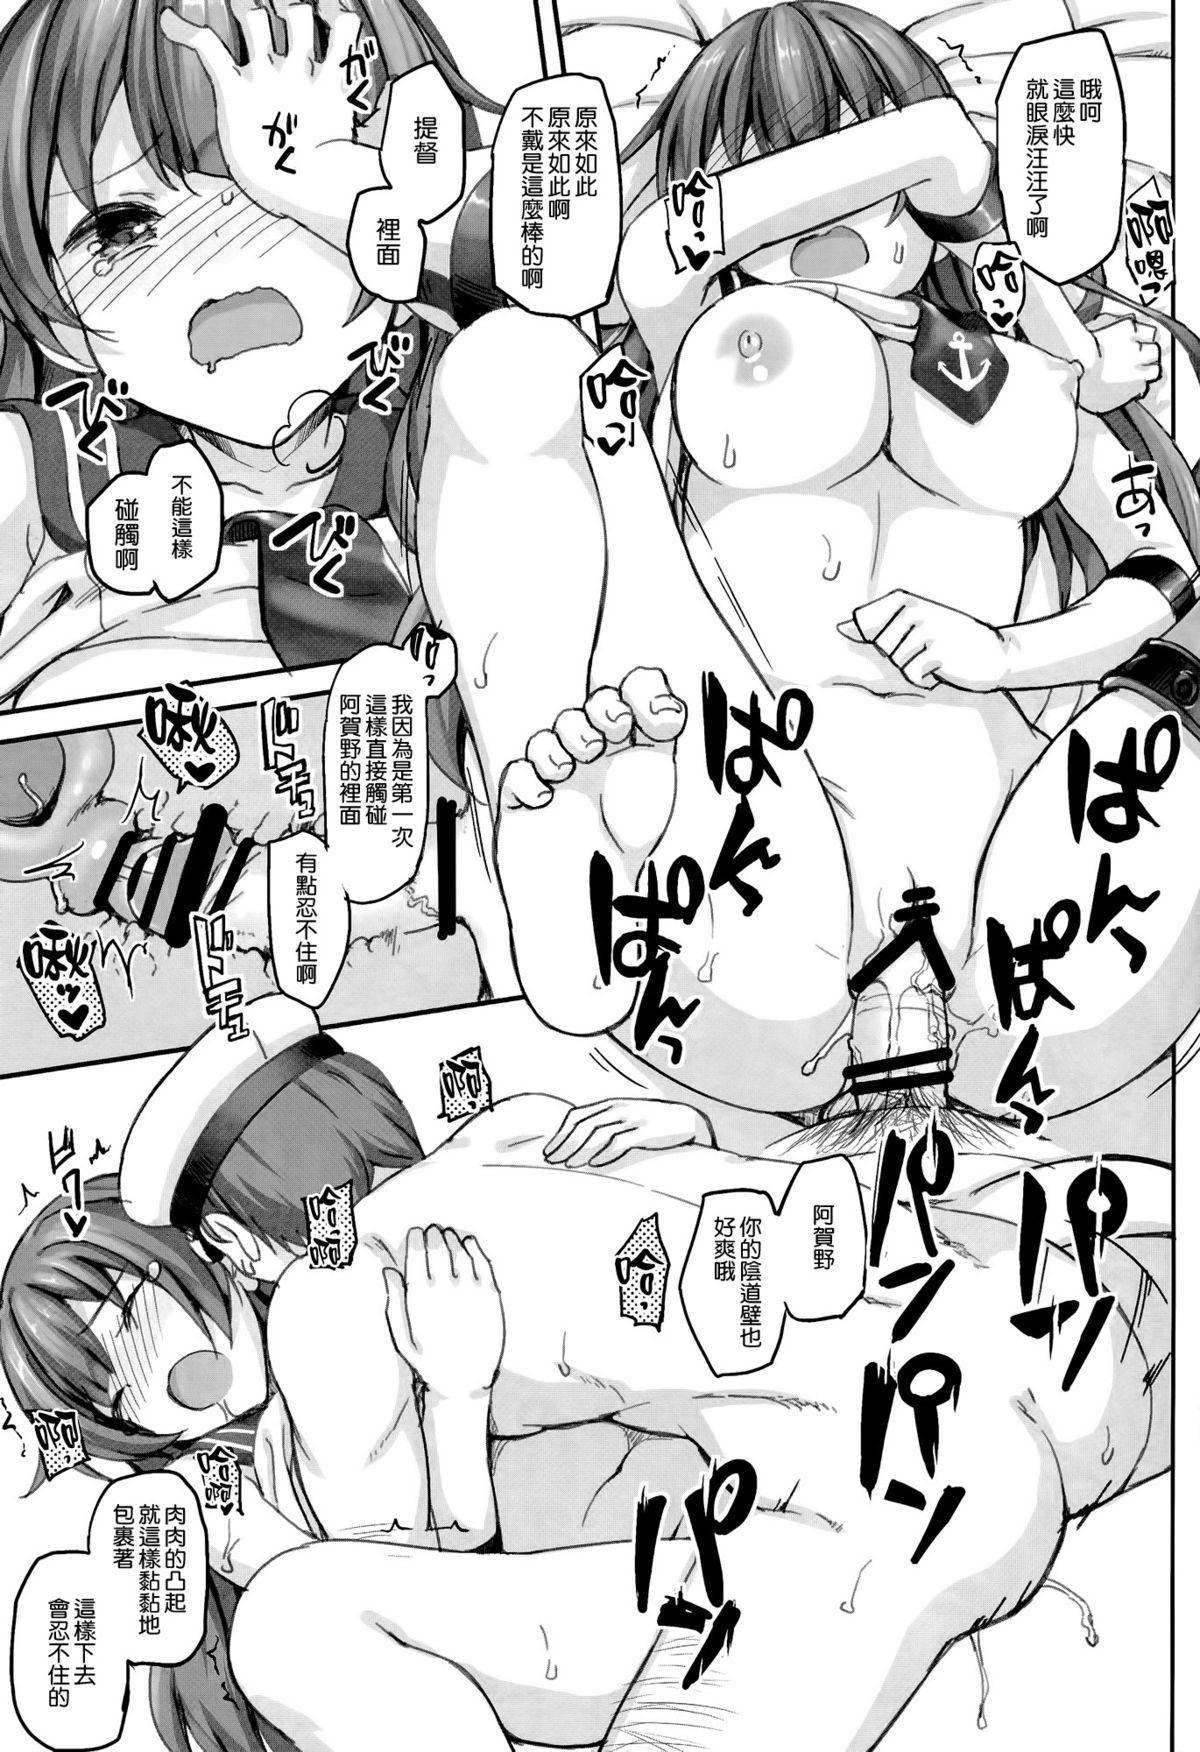 Agano no Kozukuri Daisakusen 16